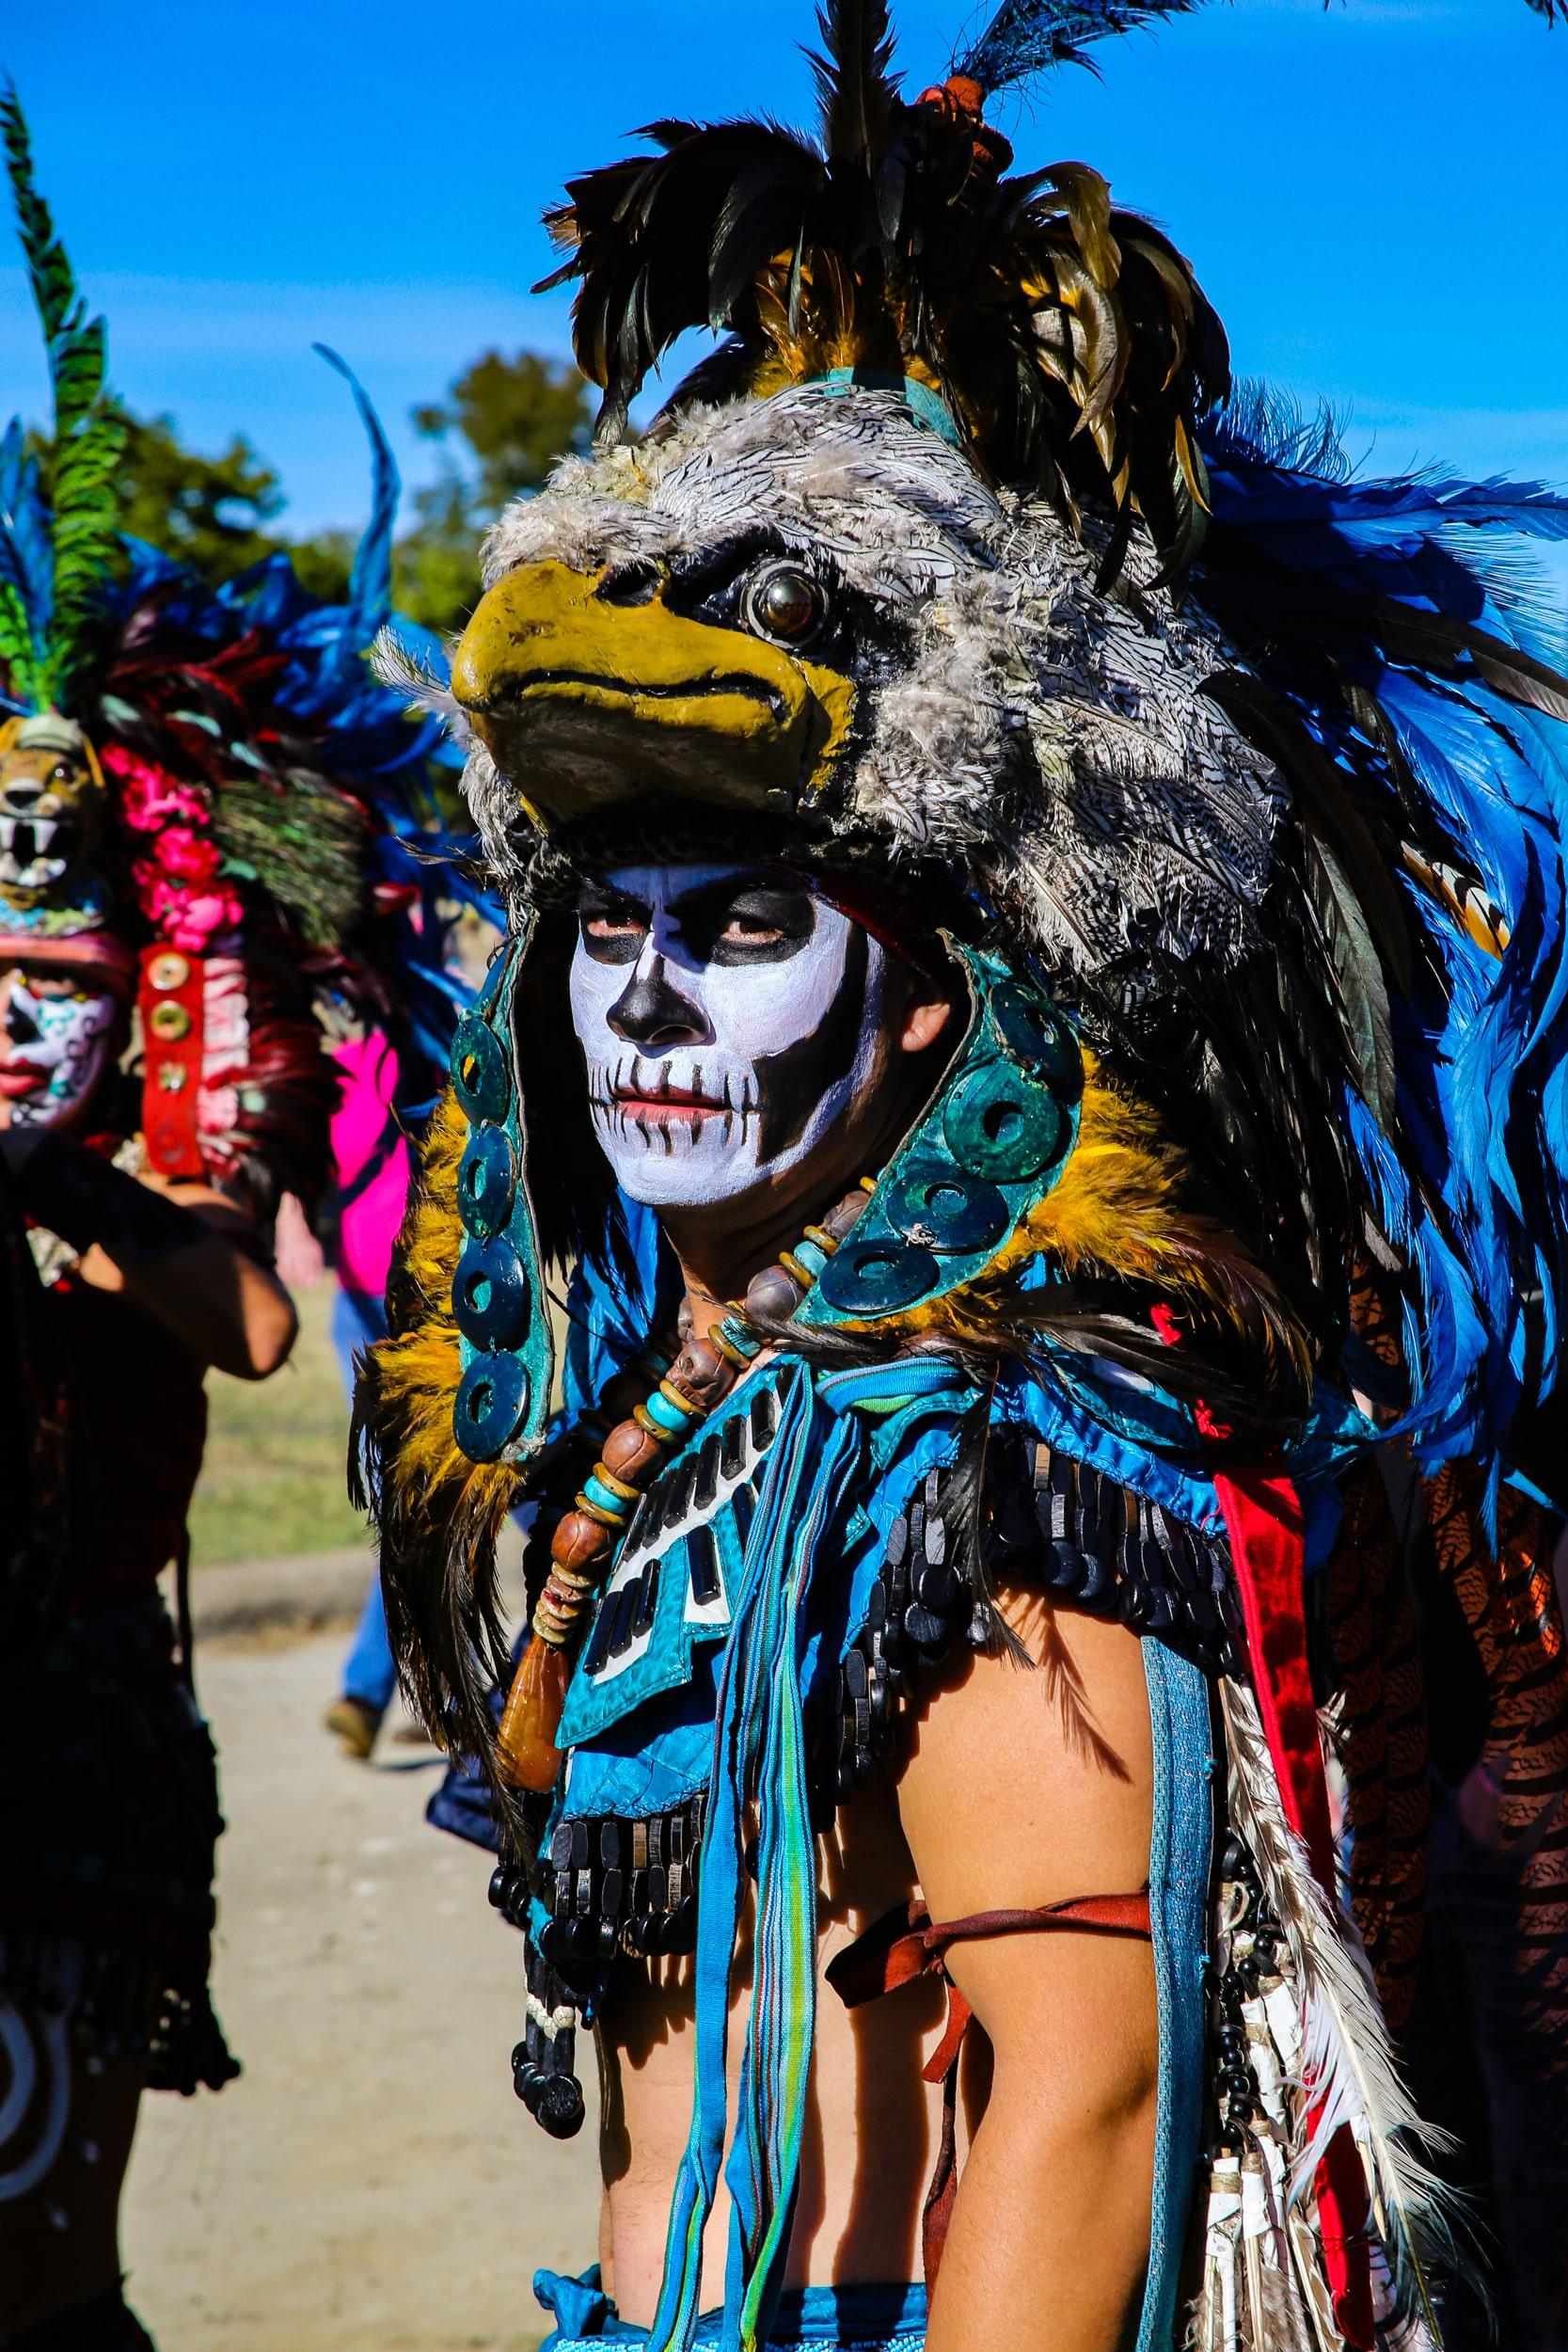 Día de los Muertos Celebración presented by Hughes Family Tribute Center